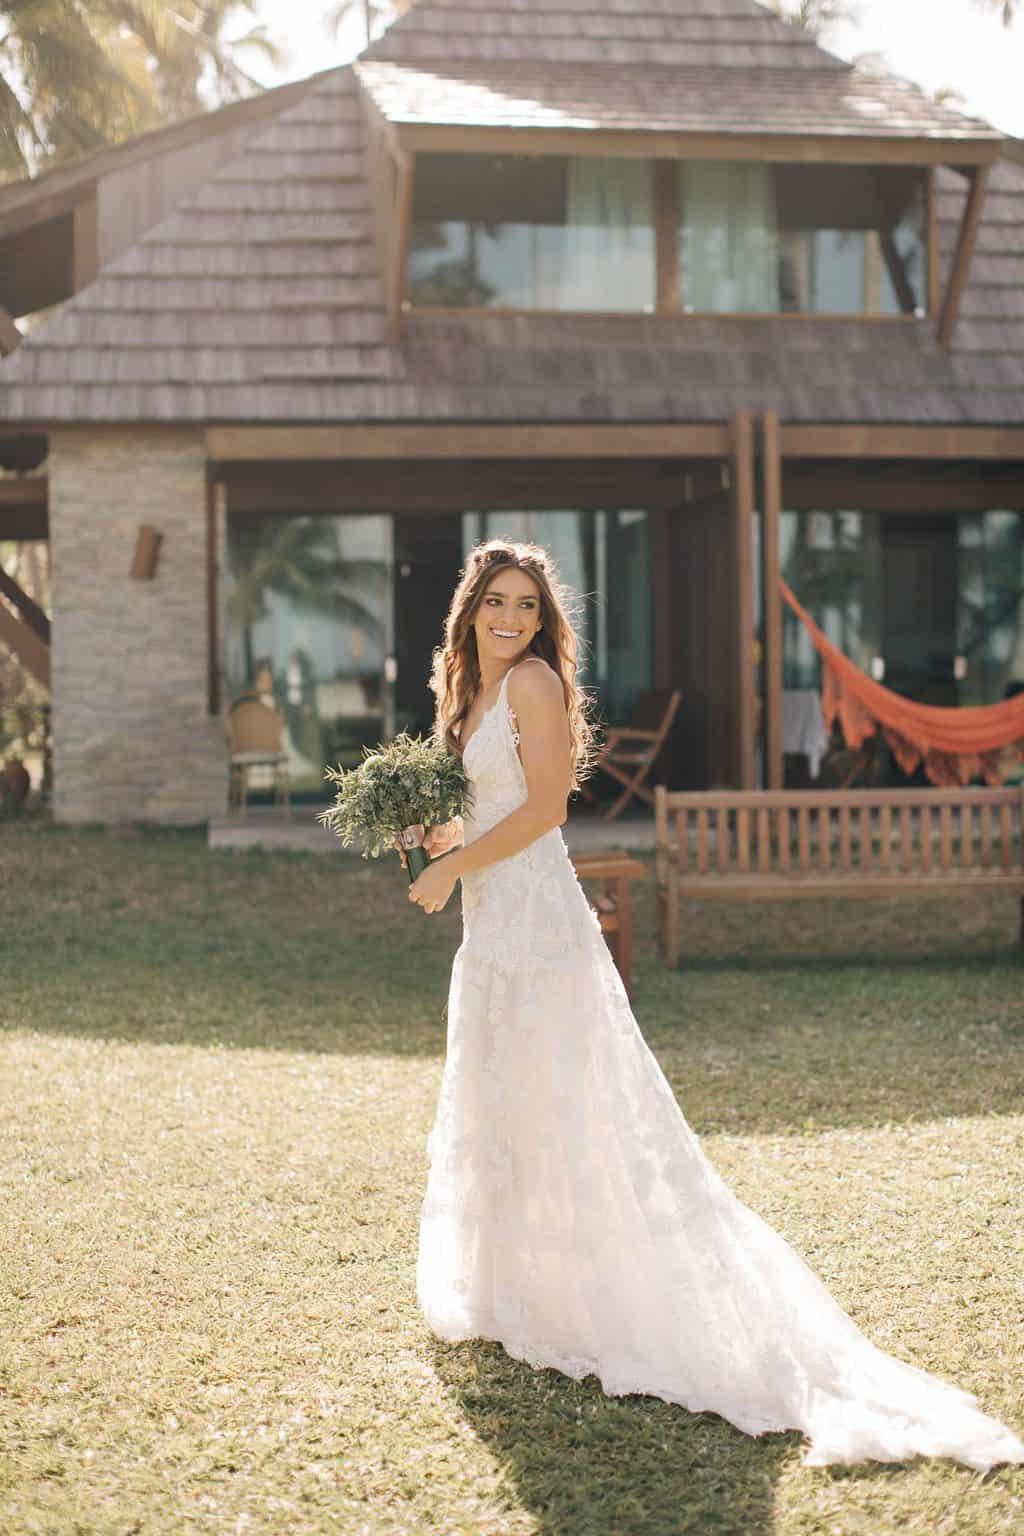 casamento-Danielle-e-Guilherme-aloha-fotografia-caseme-35